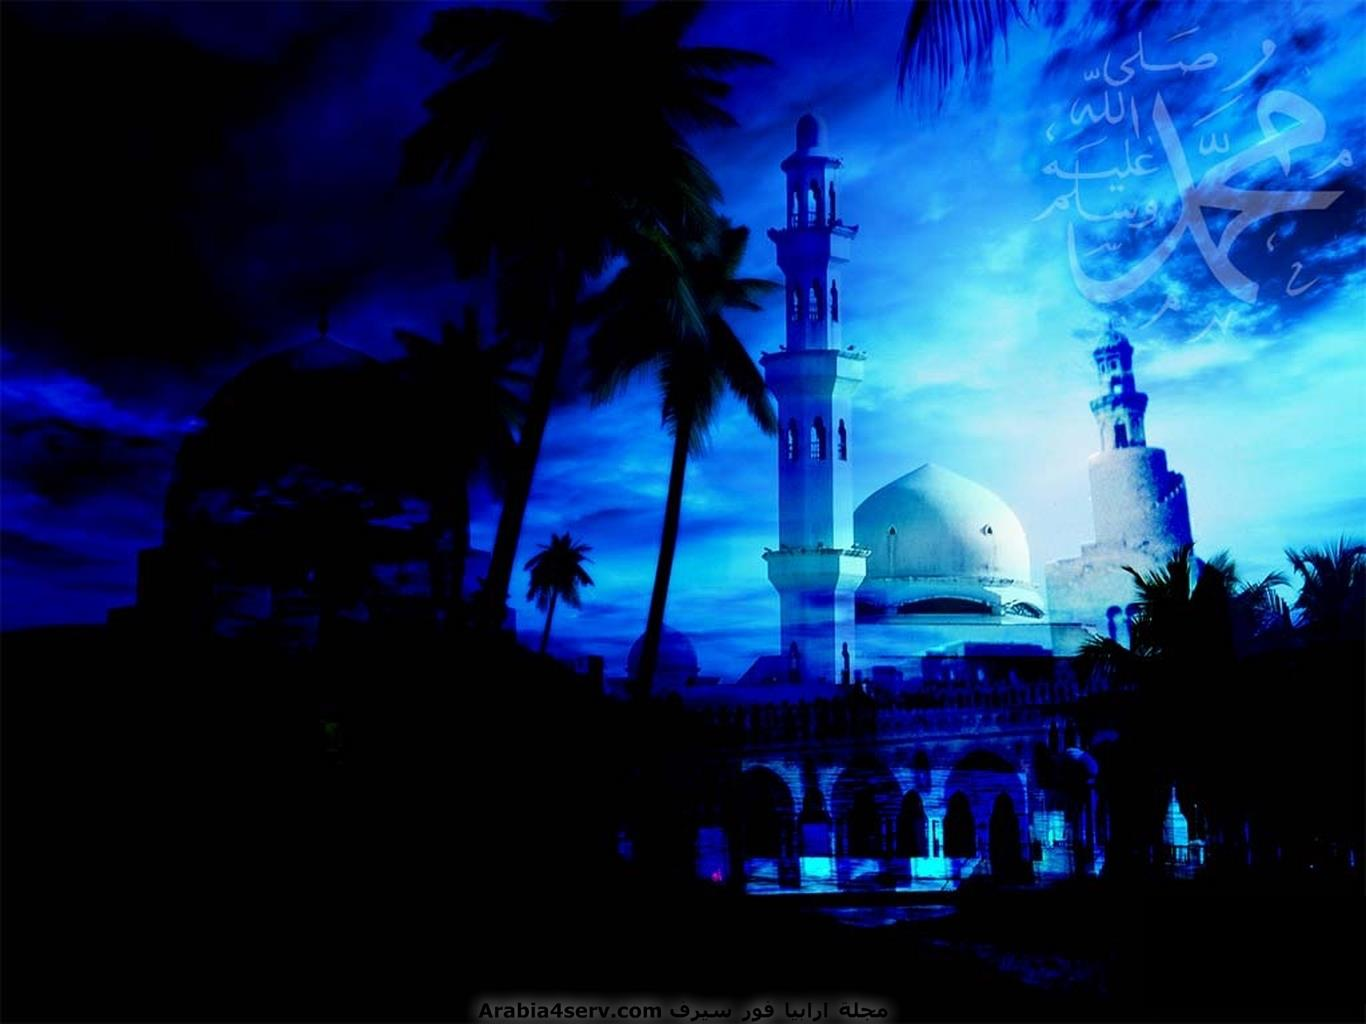 تحميل-خلفيات-طبيعية-اسلامية-للكمبيوتر-1